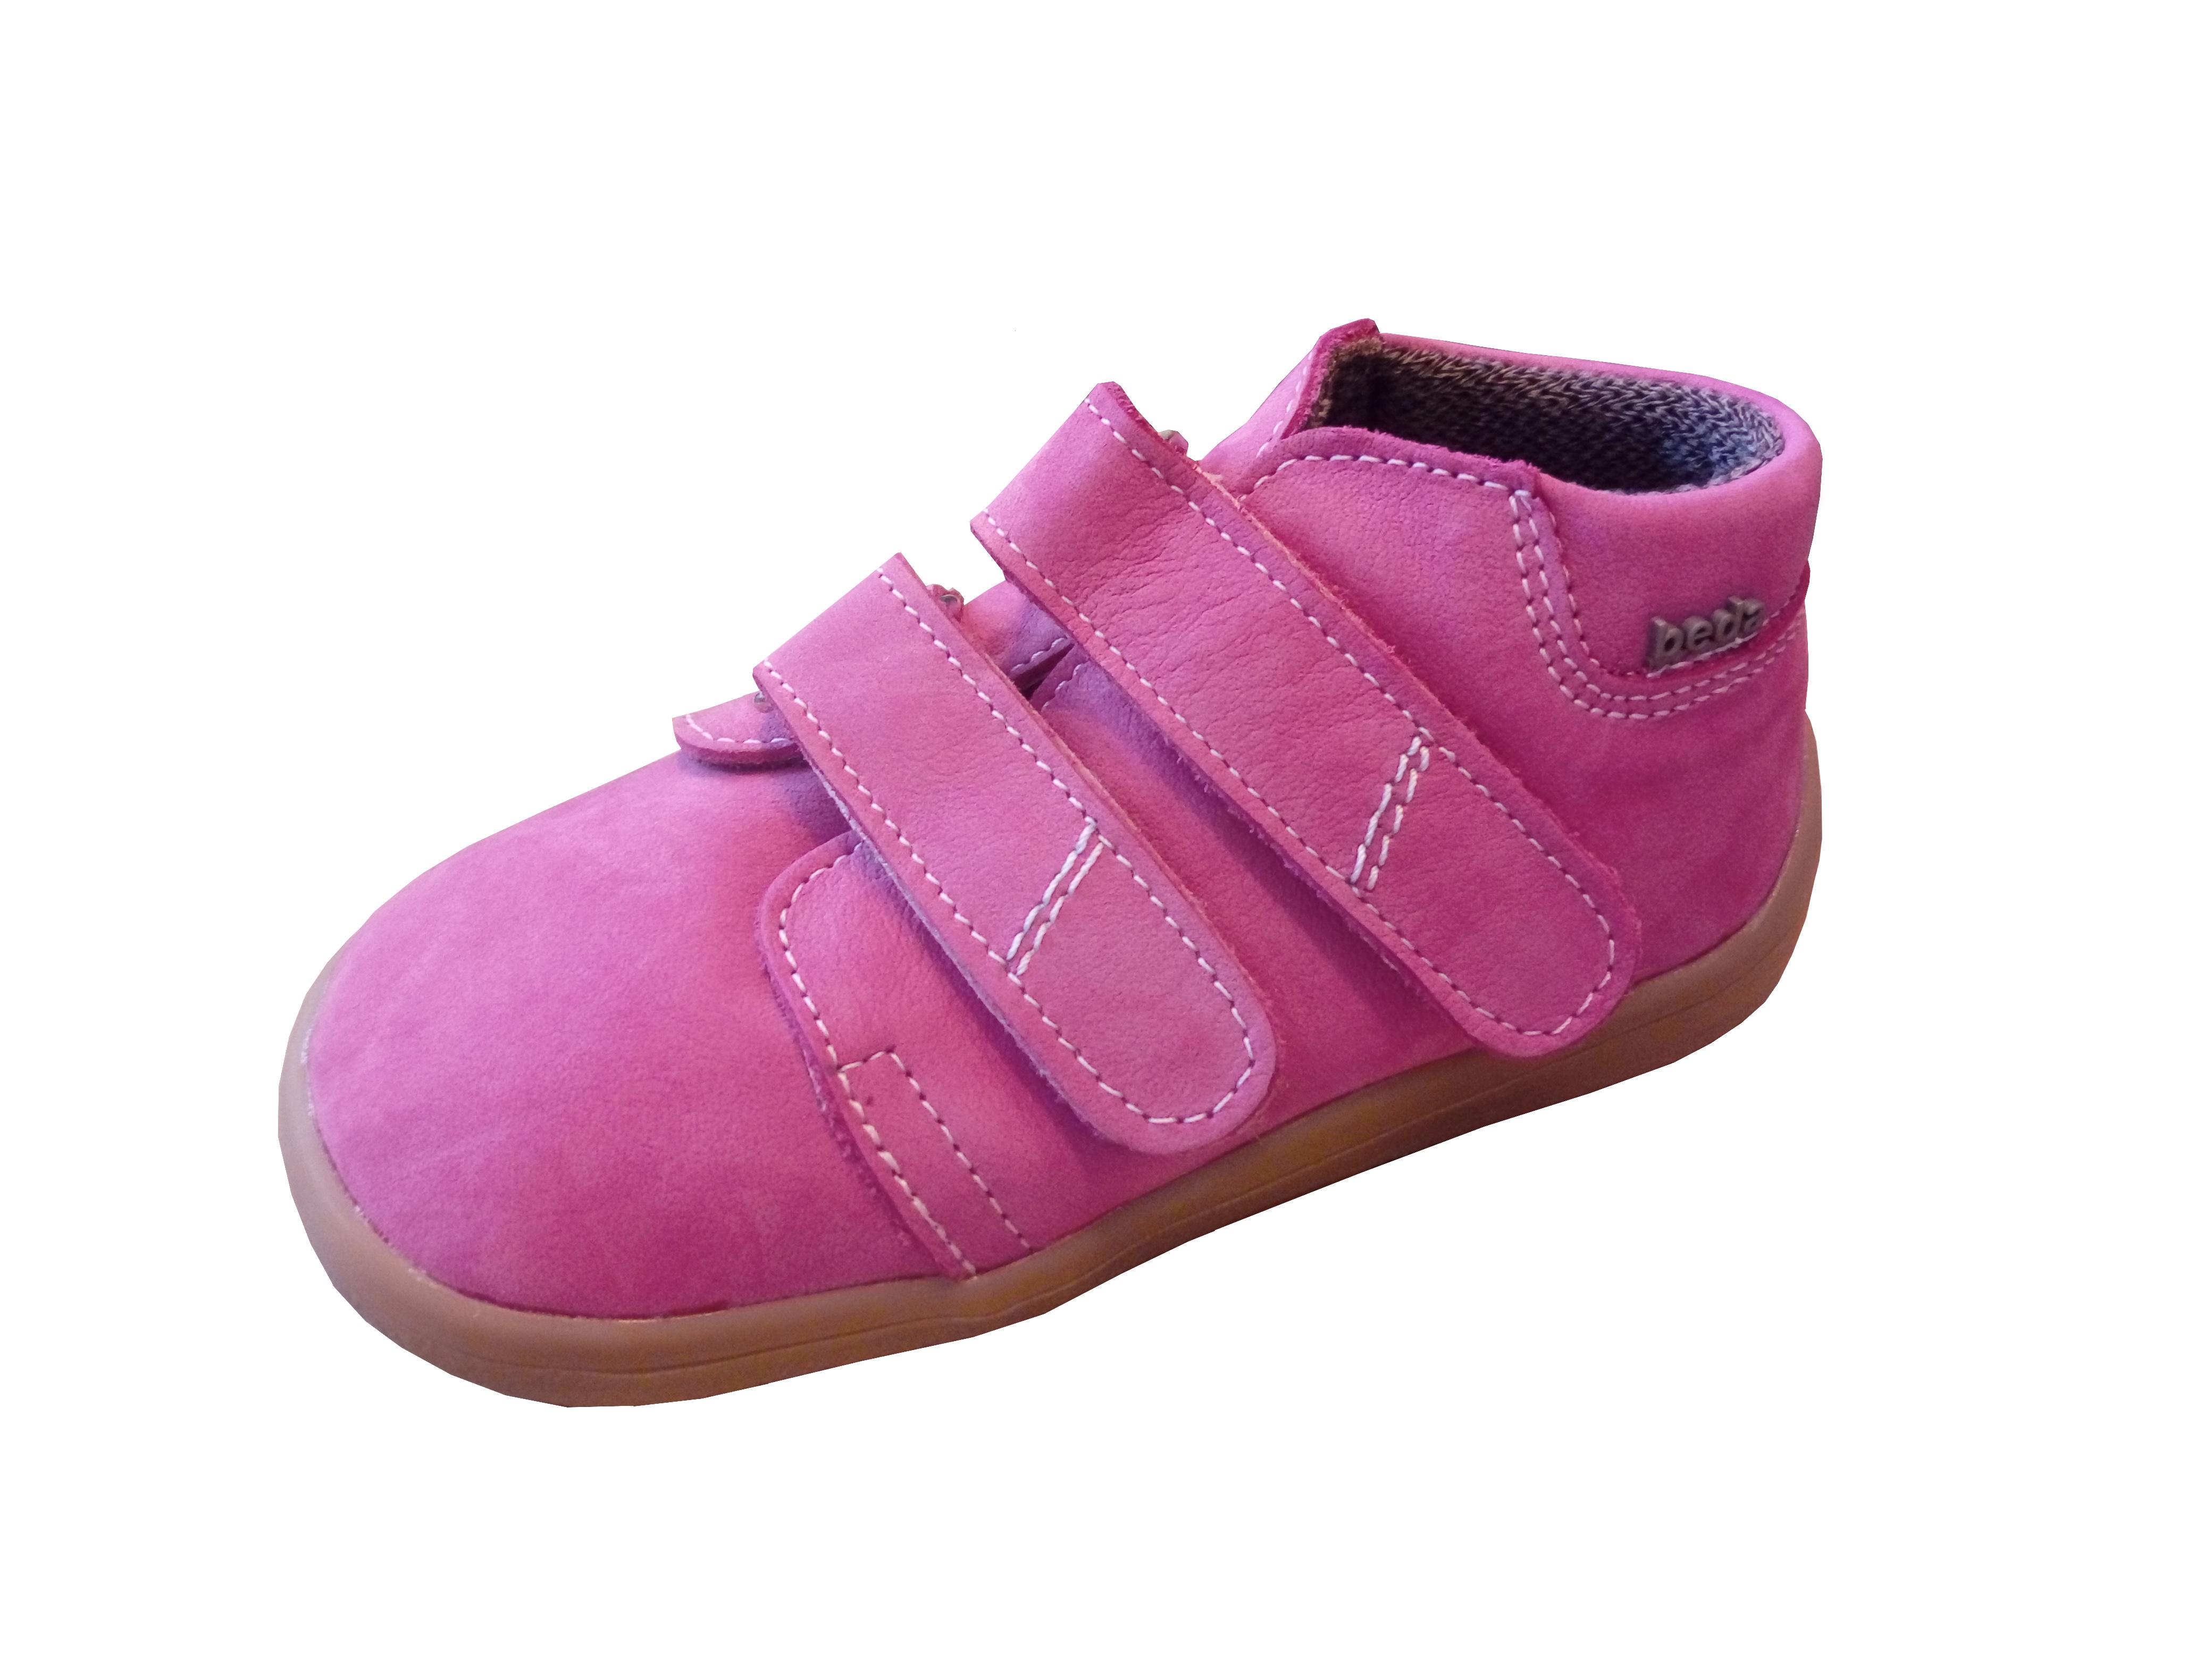 83e39ccb170 Celoroční obuv Beda